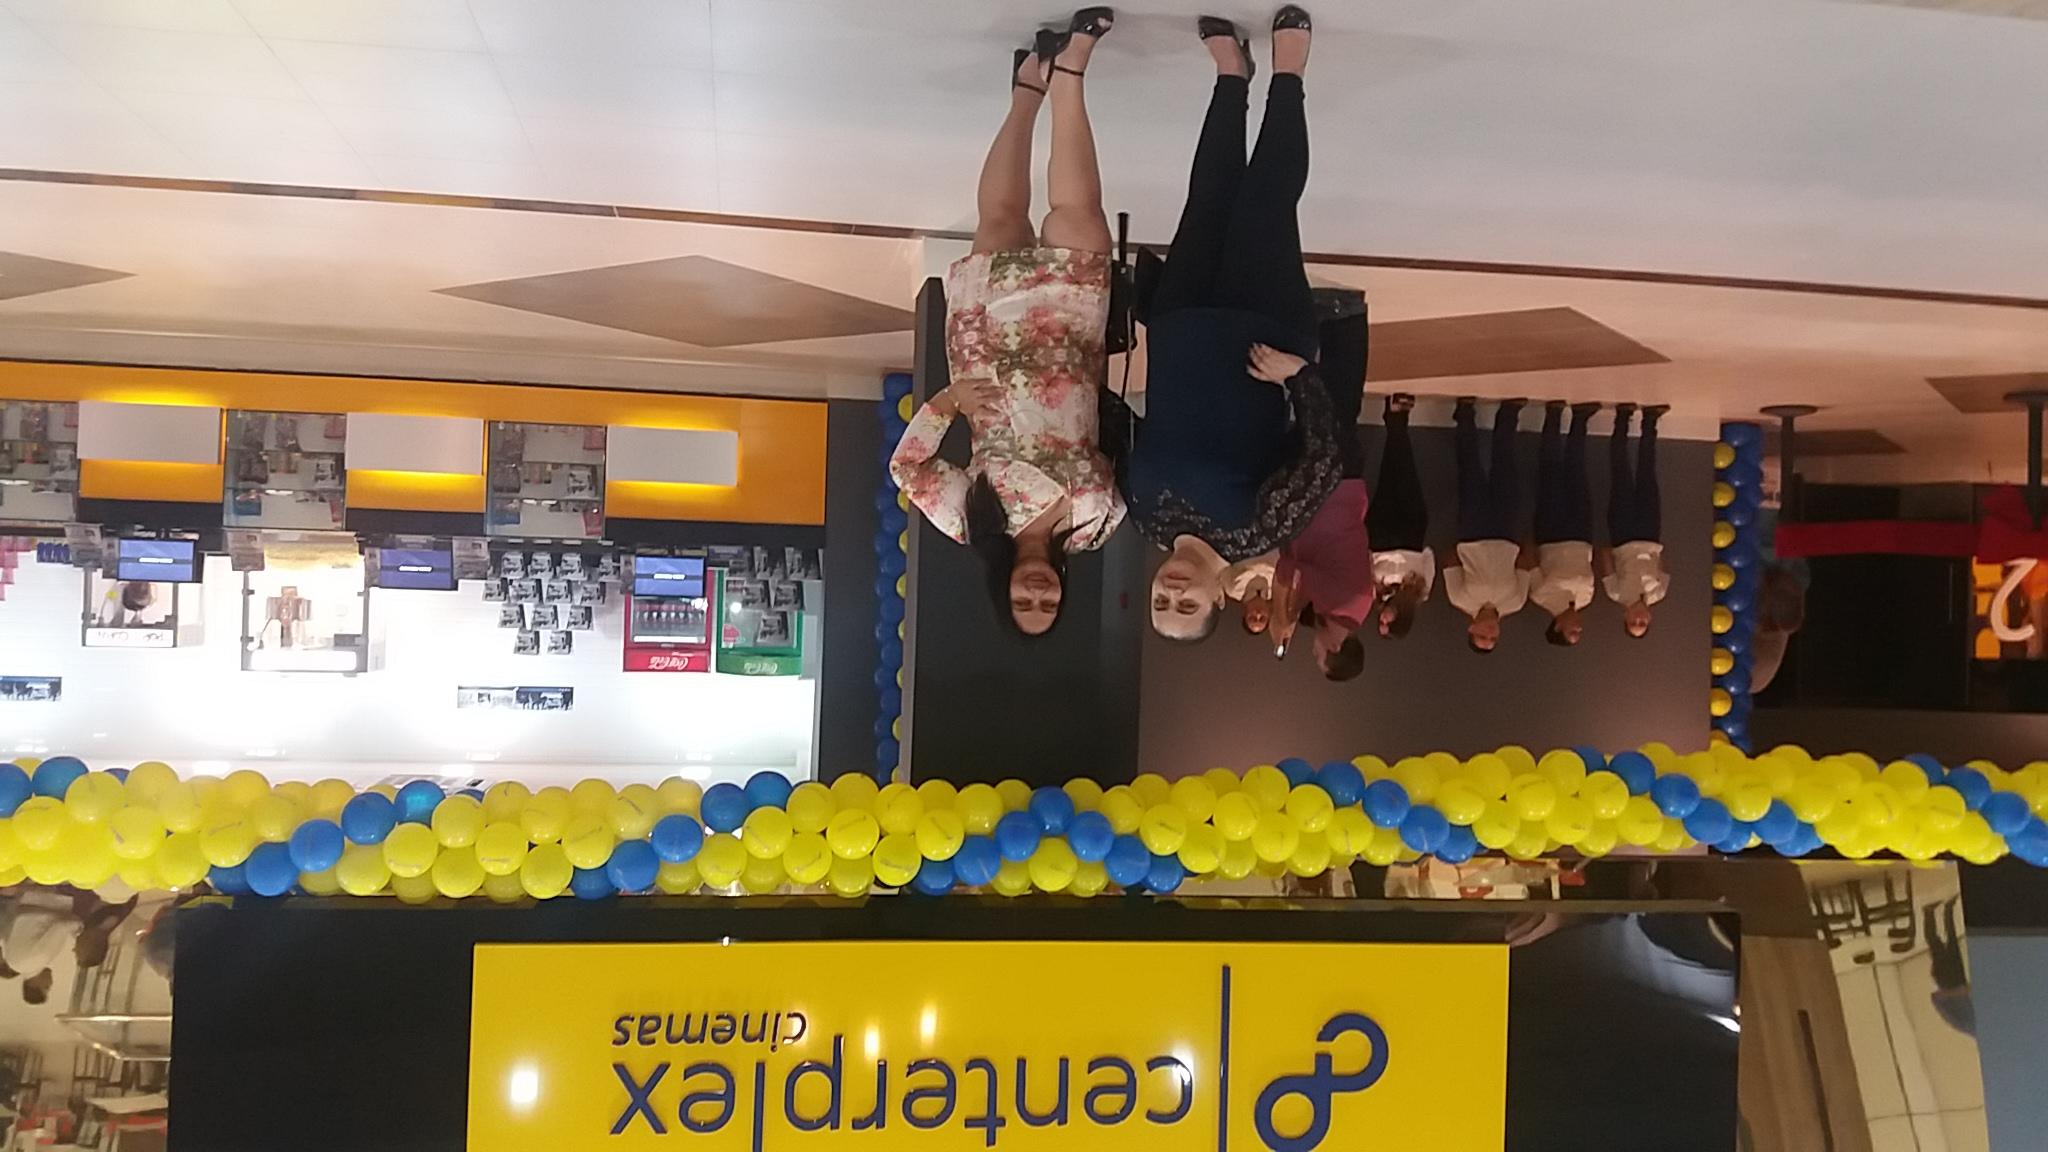 Coquetel de inauguração do Centerplex Cinemas em Maranguape-CE. Foto Dadynha Saturnino (7)